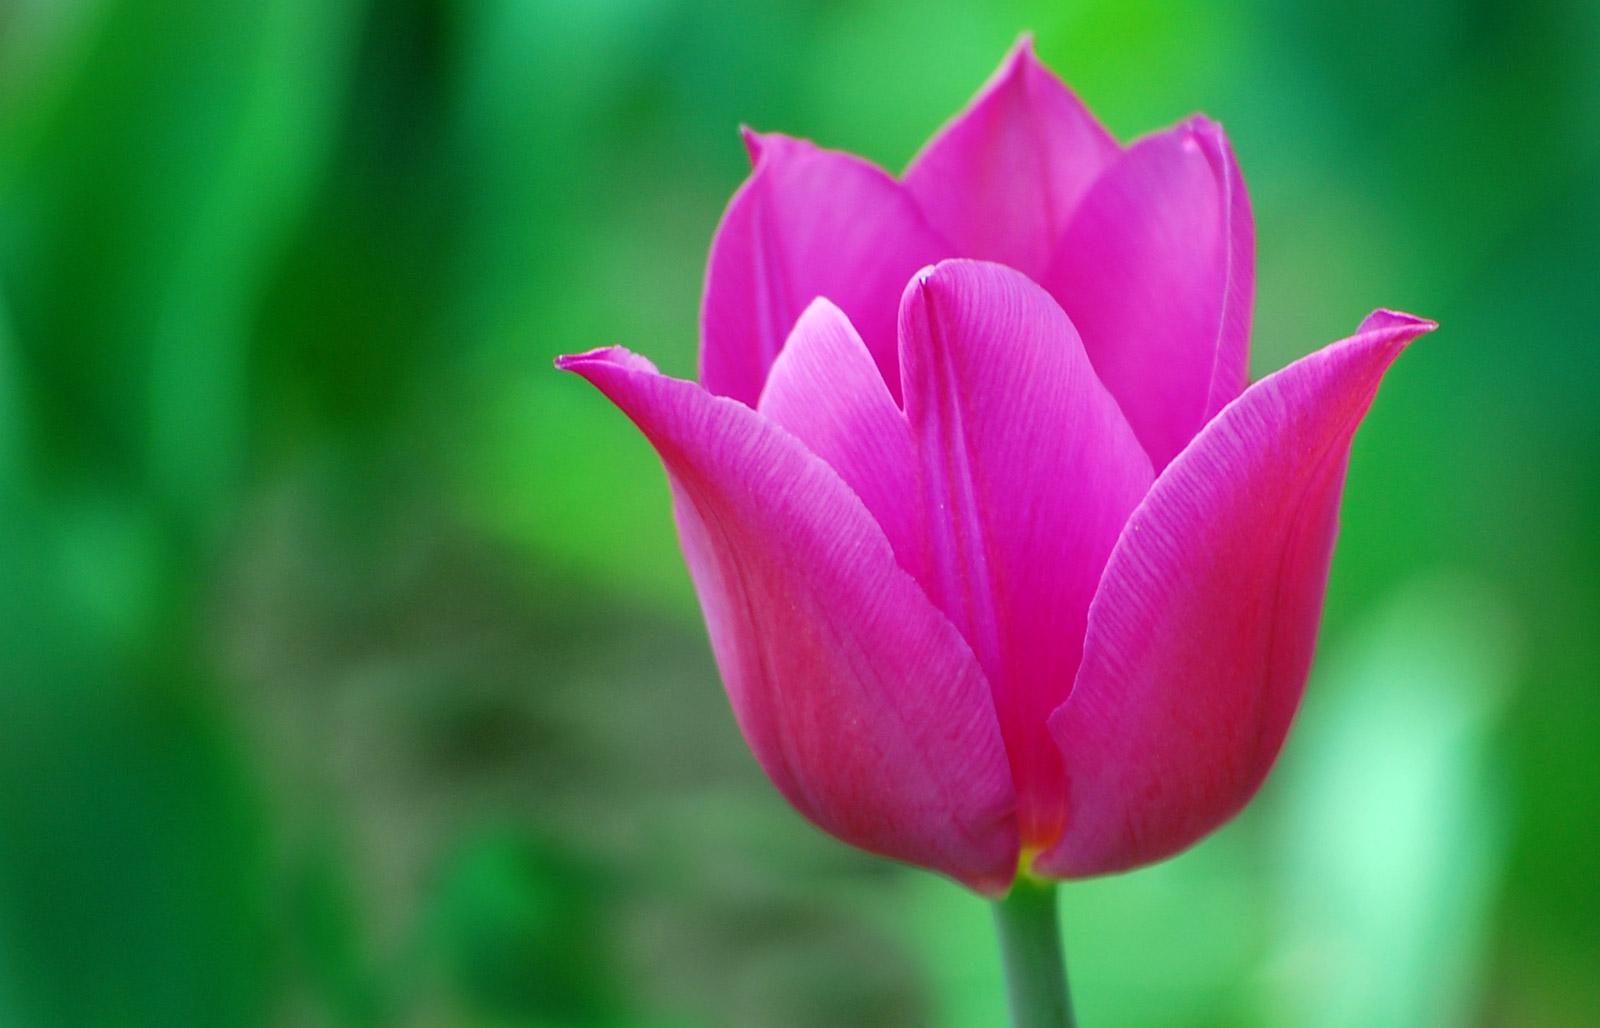 Hd Tulip Picture 1399